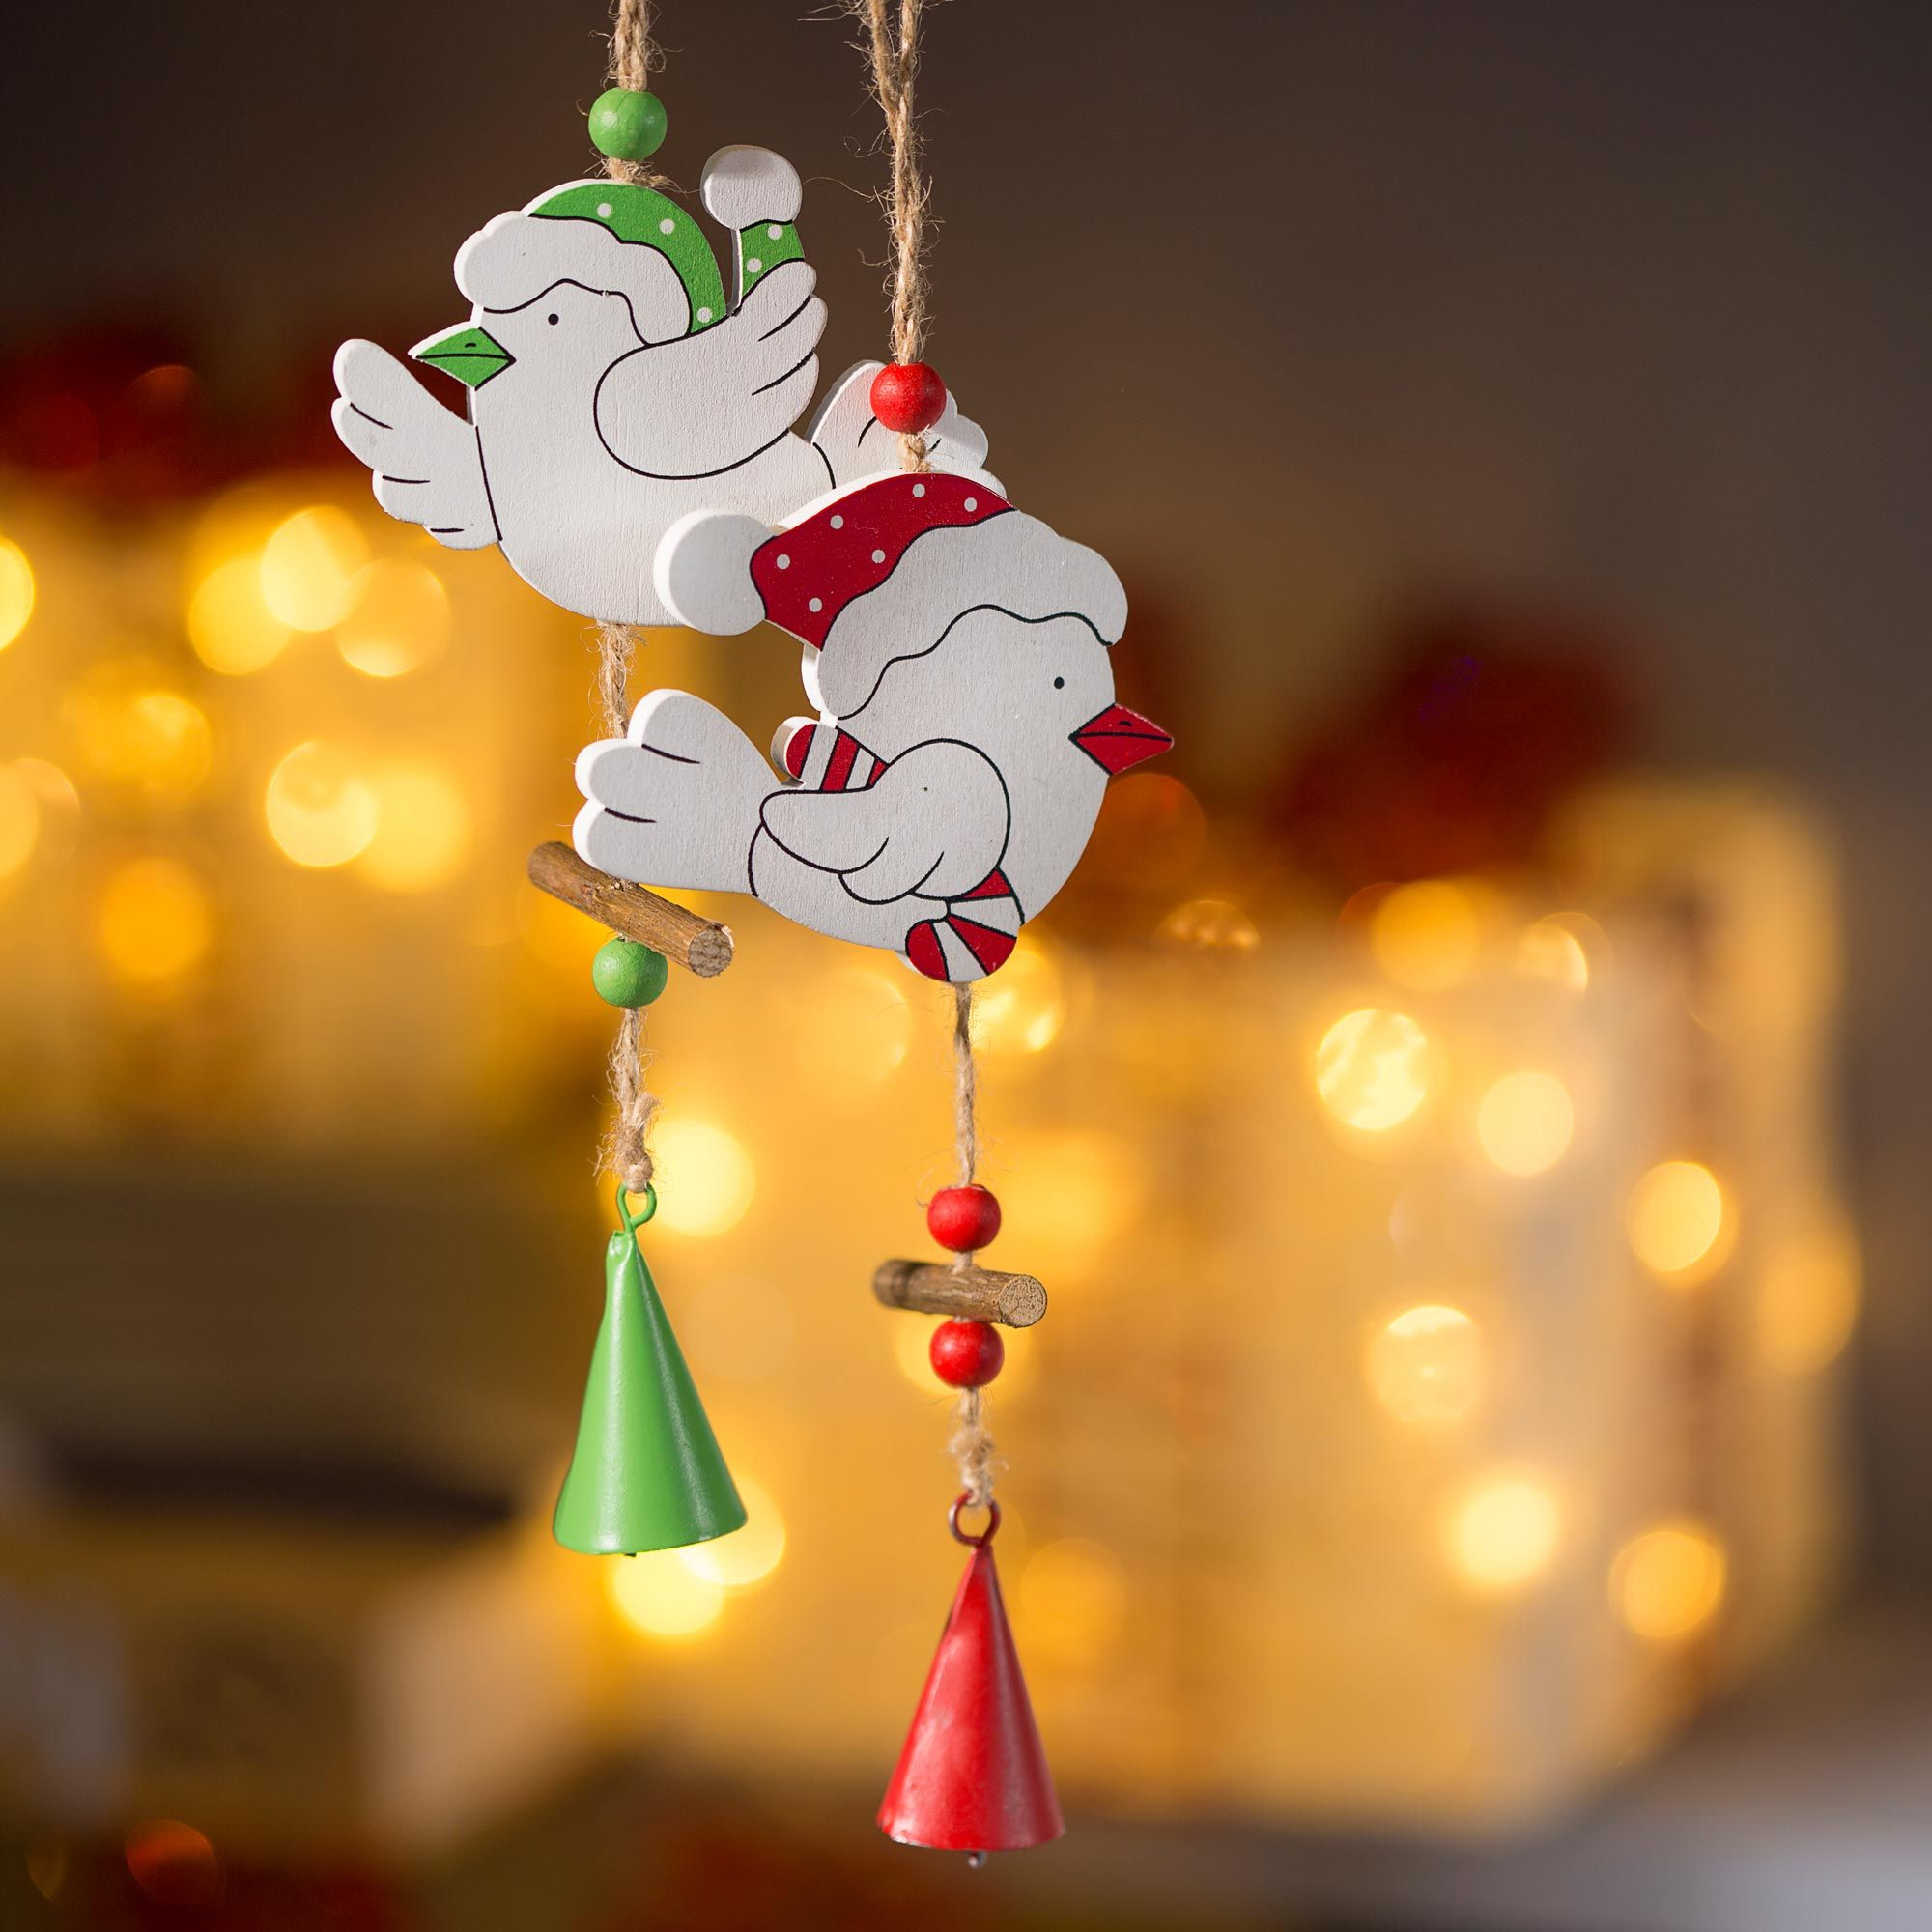 Décoration de Noël amusante et colorée